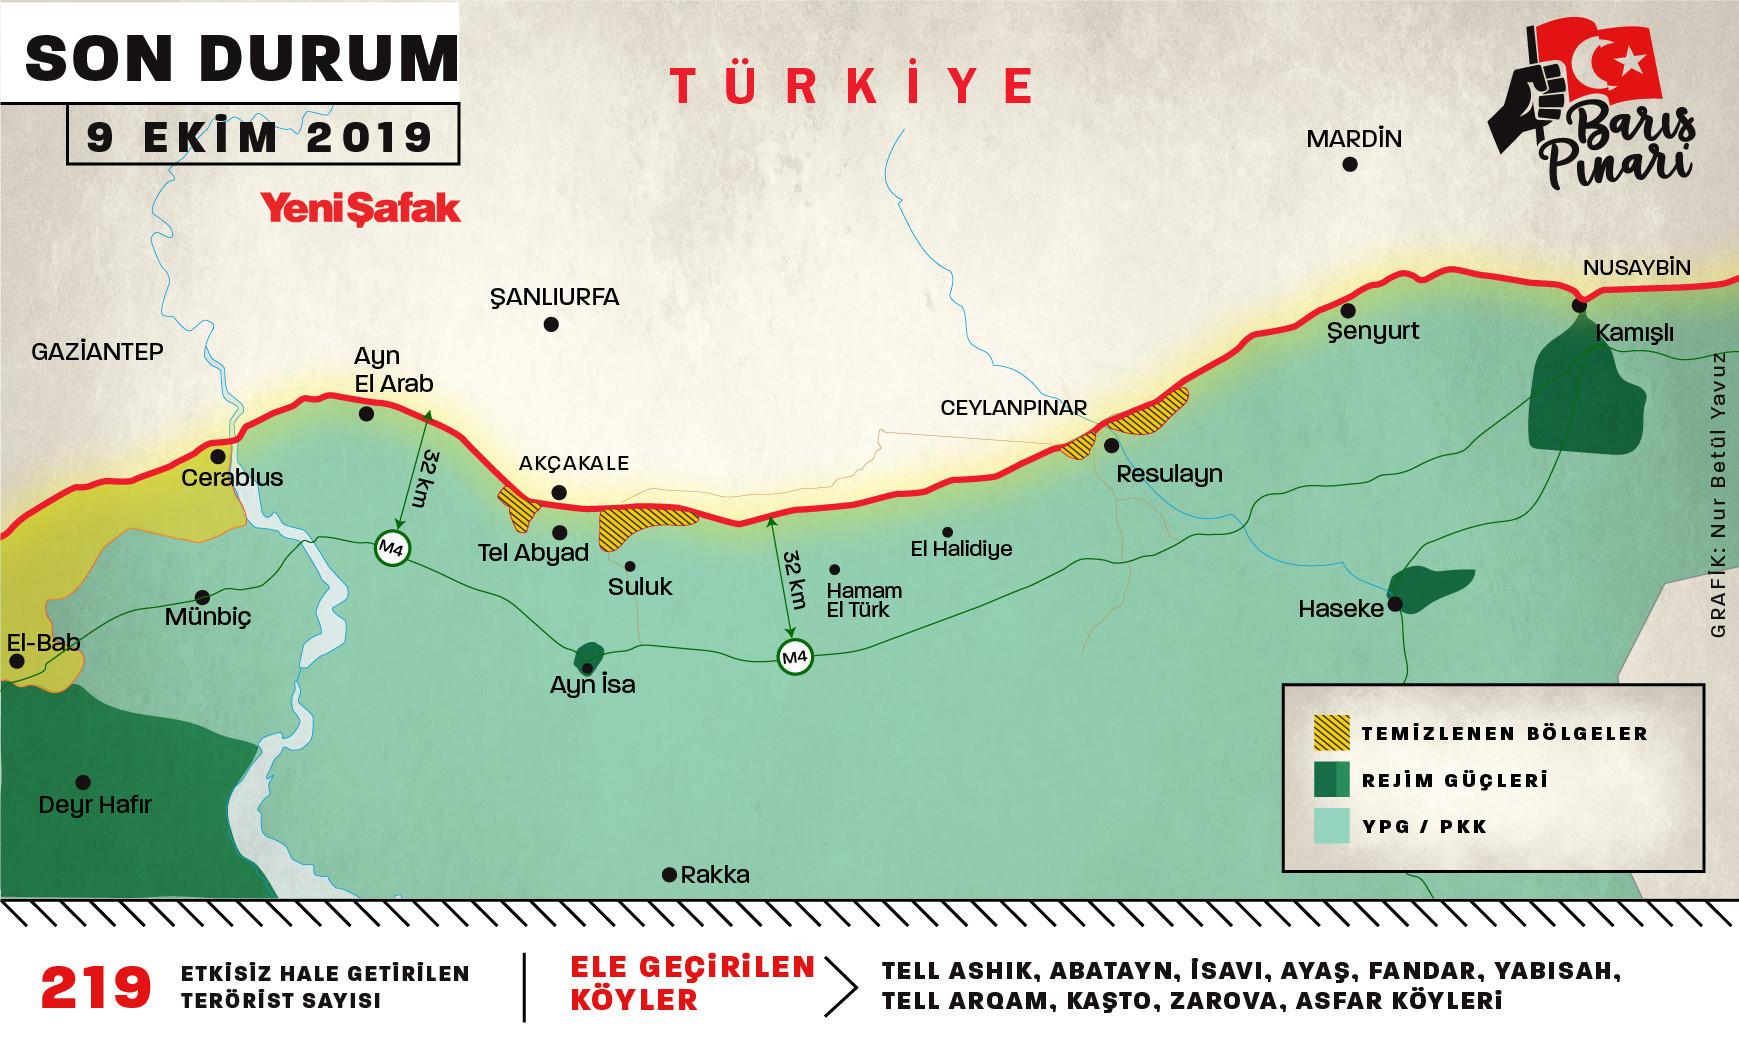 Barış Pınarı Harekatında Son Durum: 9 Ekim